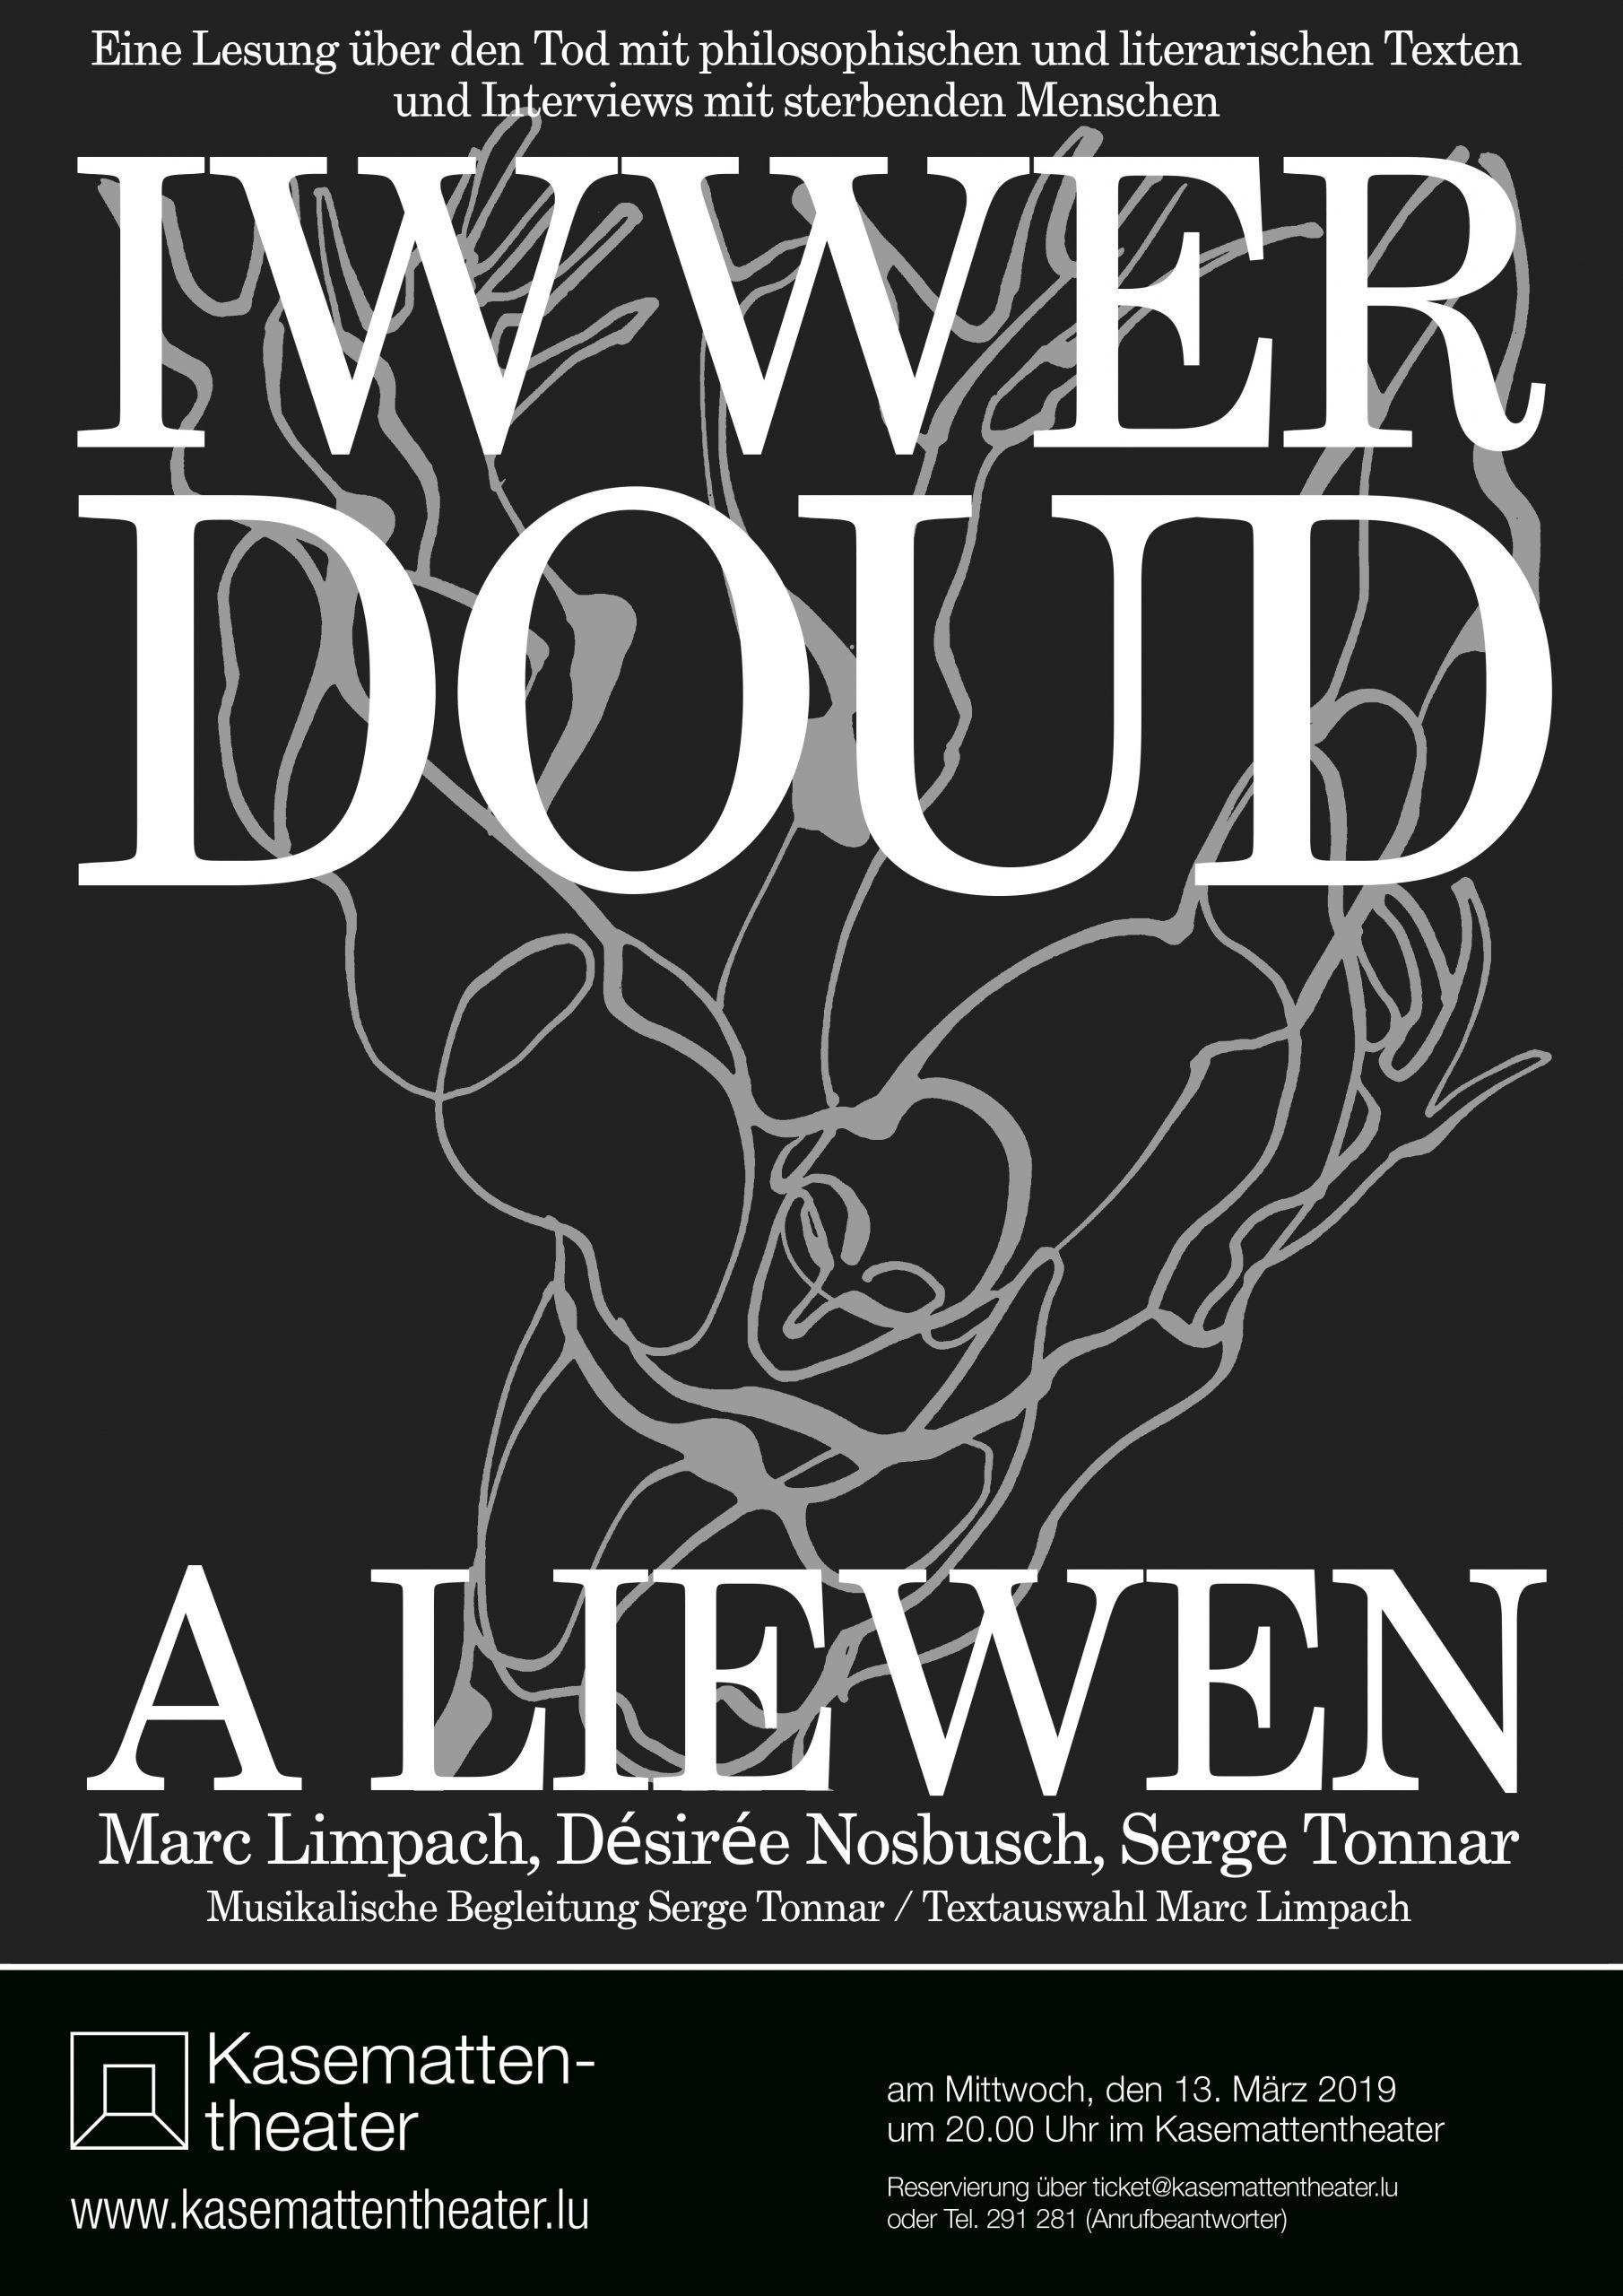 2019 Affiche Iwwer DOUD a LIEWEN